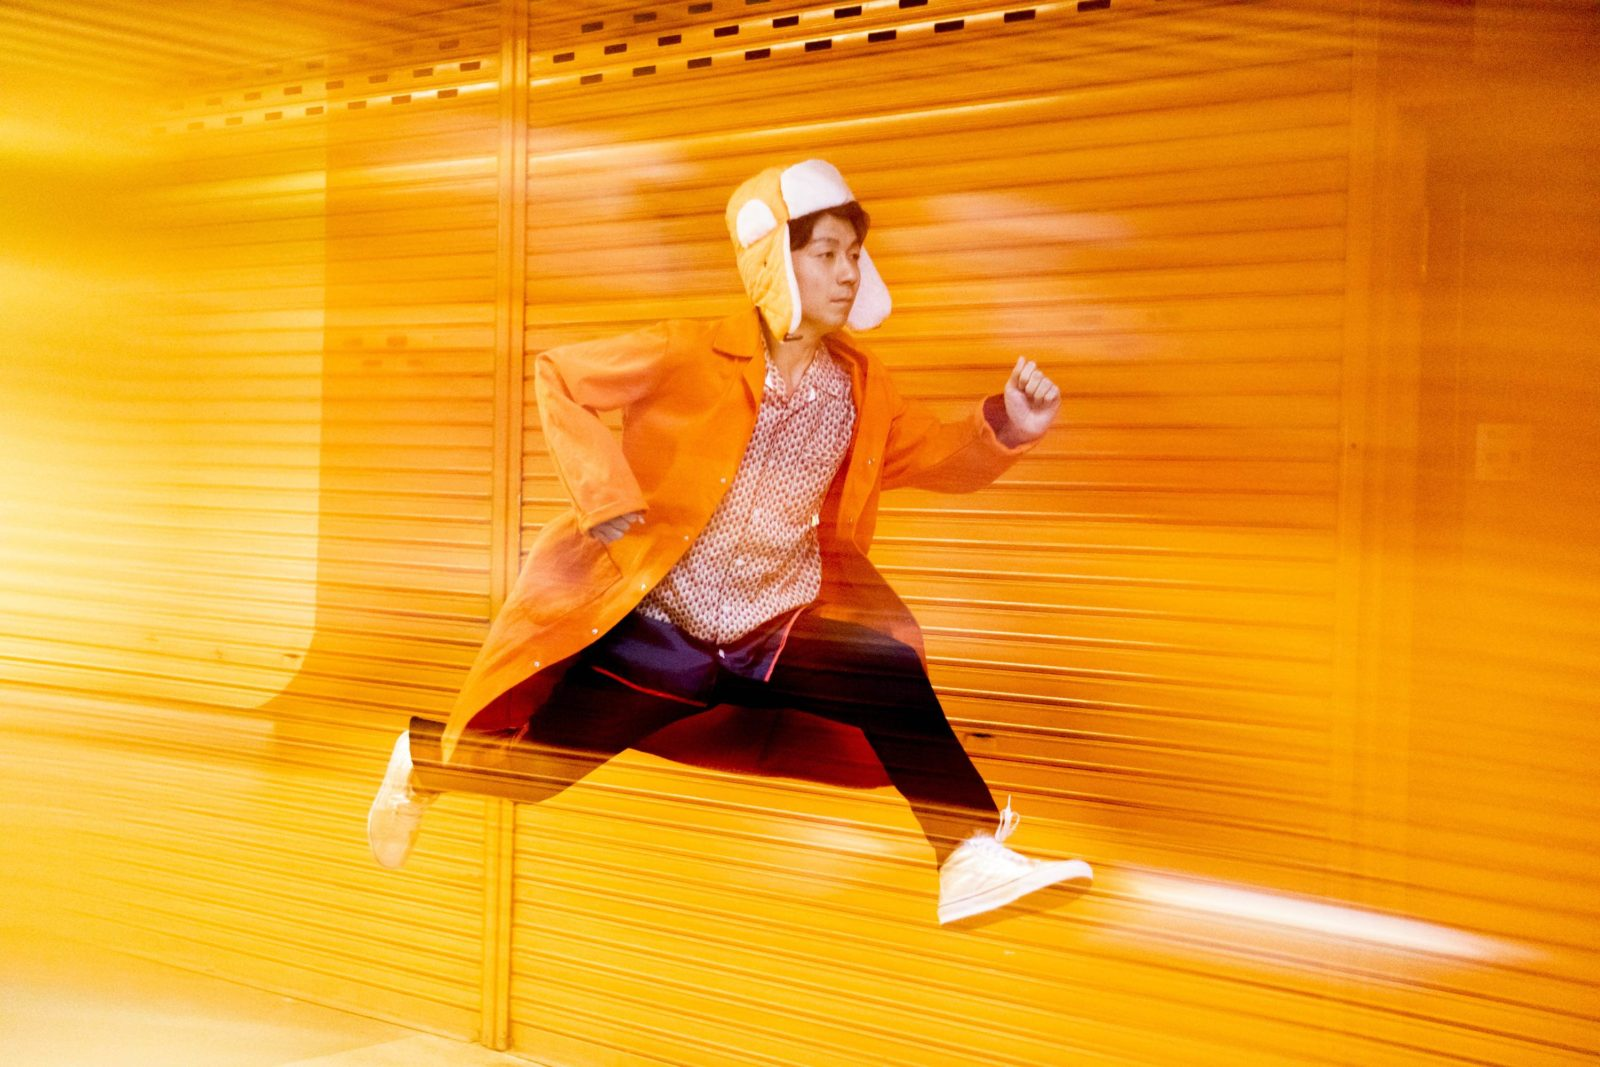 Kenmochi Hidefumi、アルバム『たぶん沸く〜TOWN WORK〜』から先行で「Lolipop」をデジタルリリースサムネイル画像